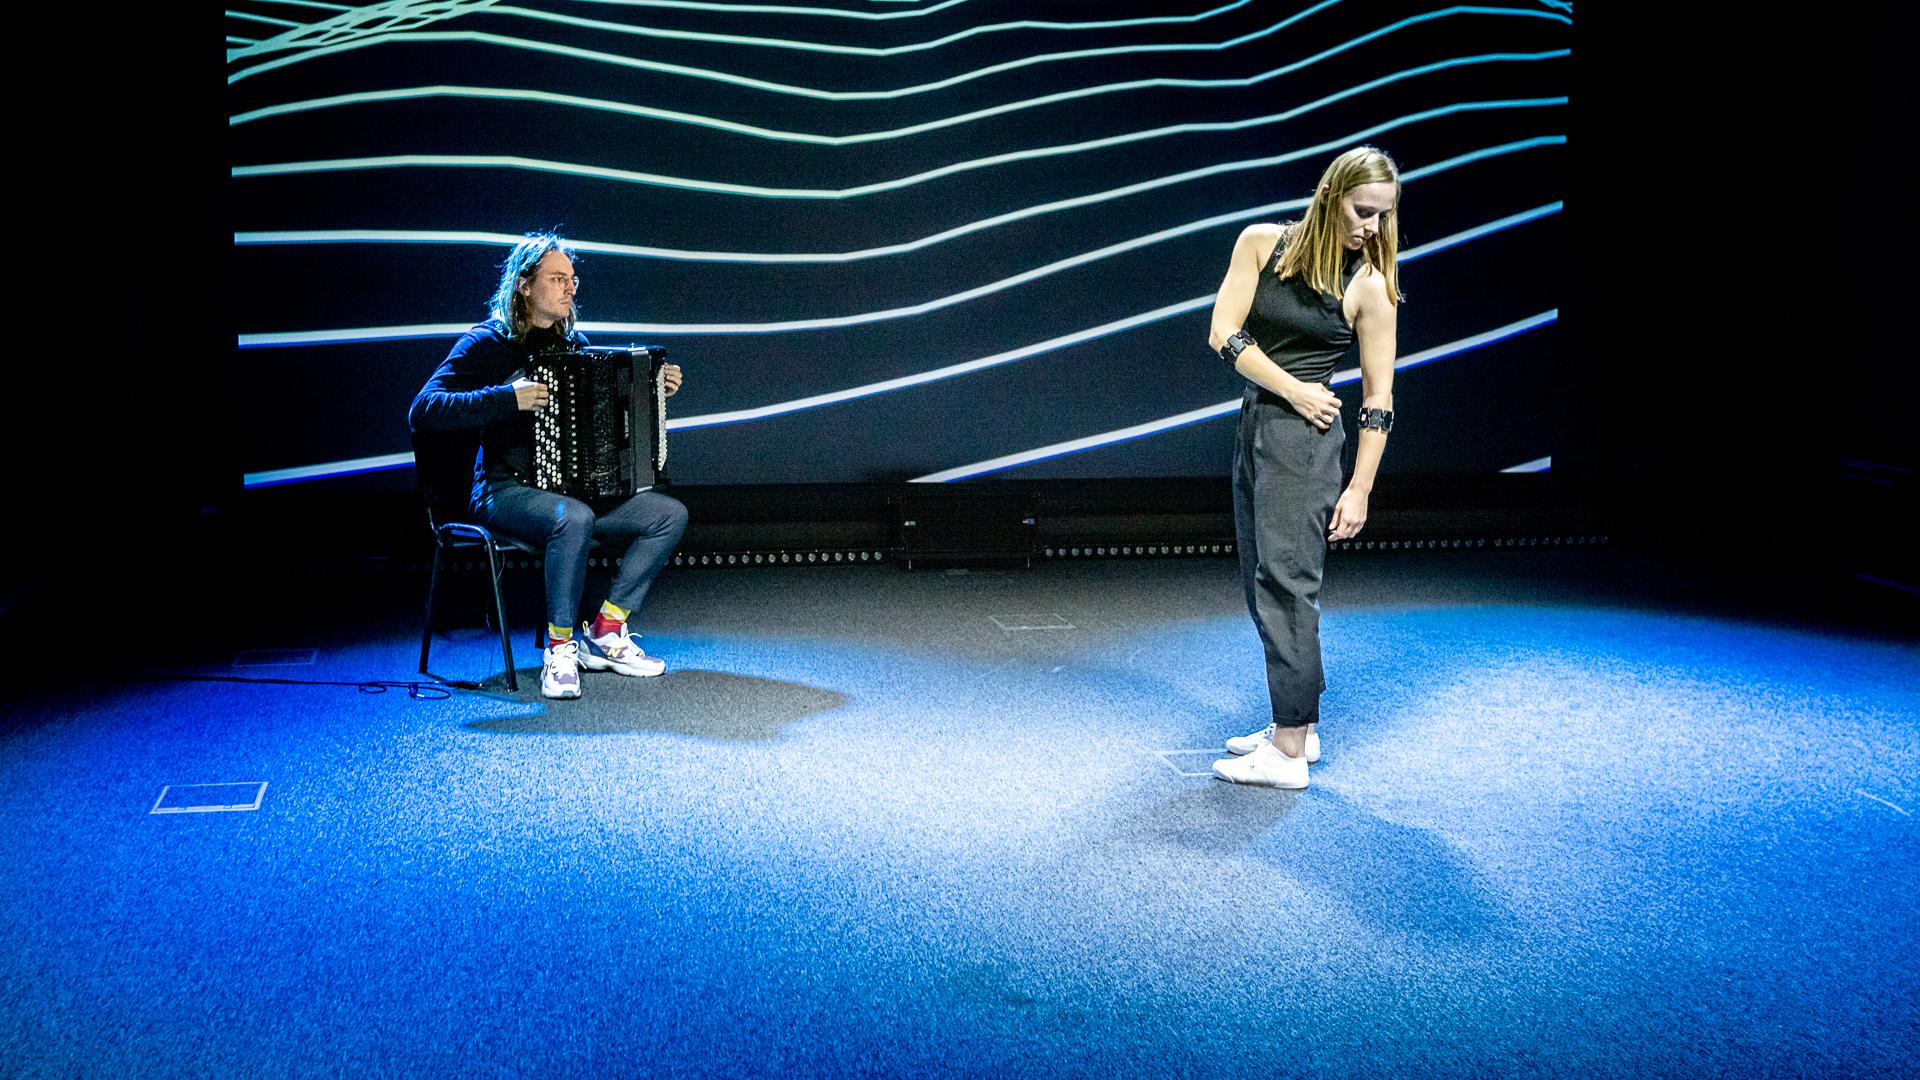 Internetowa transmisja na żywo 8K HEVC z Poznania do Linzu na festiwalu Ars Electronica 2019